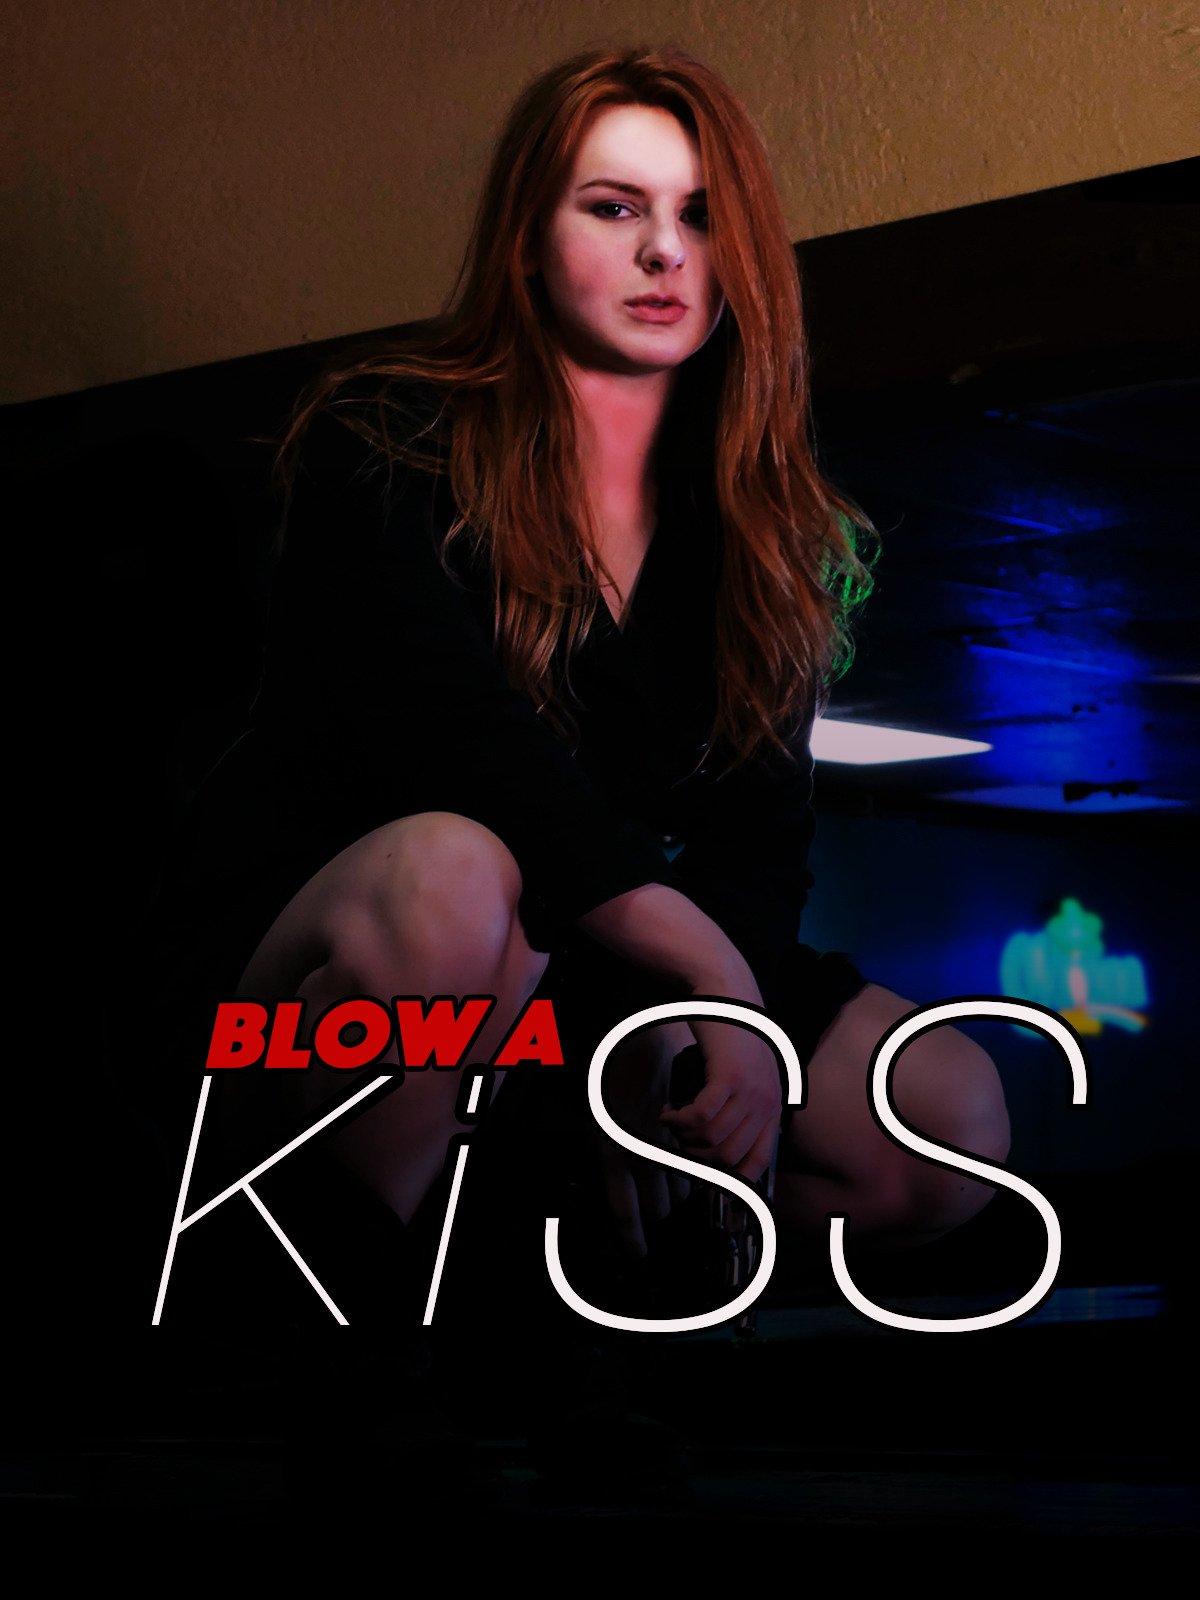 Blow A Kiss